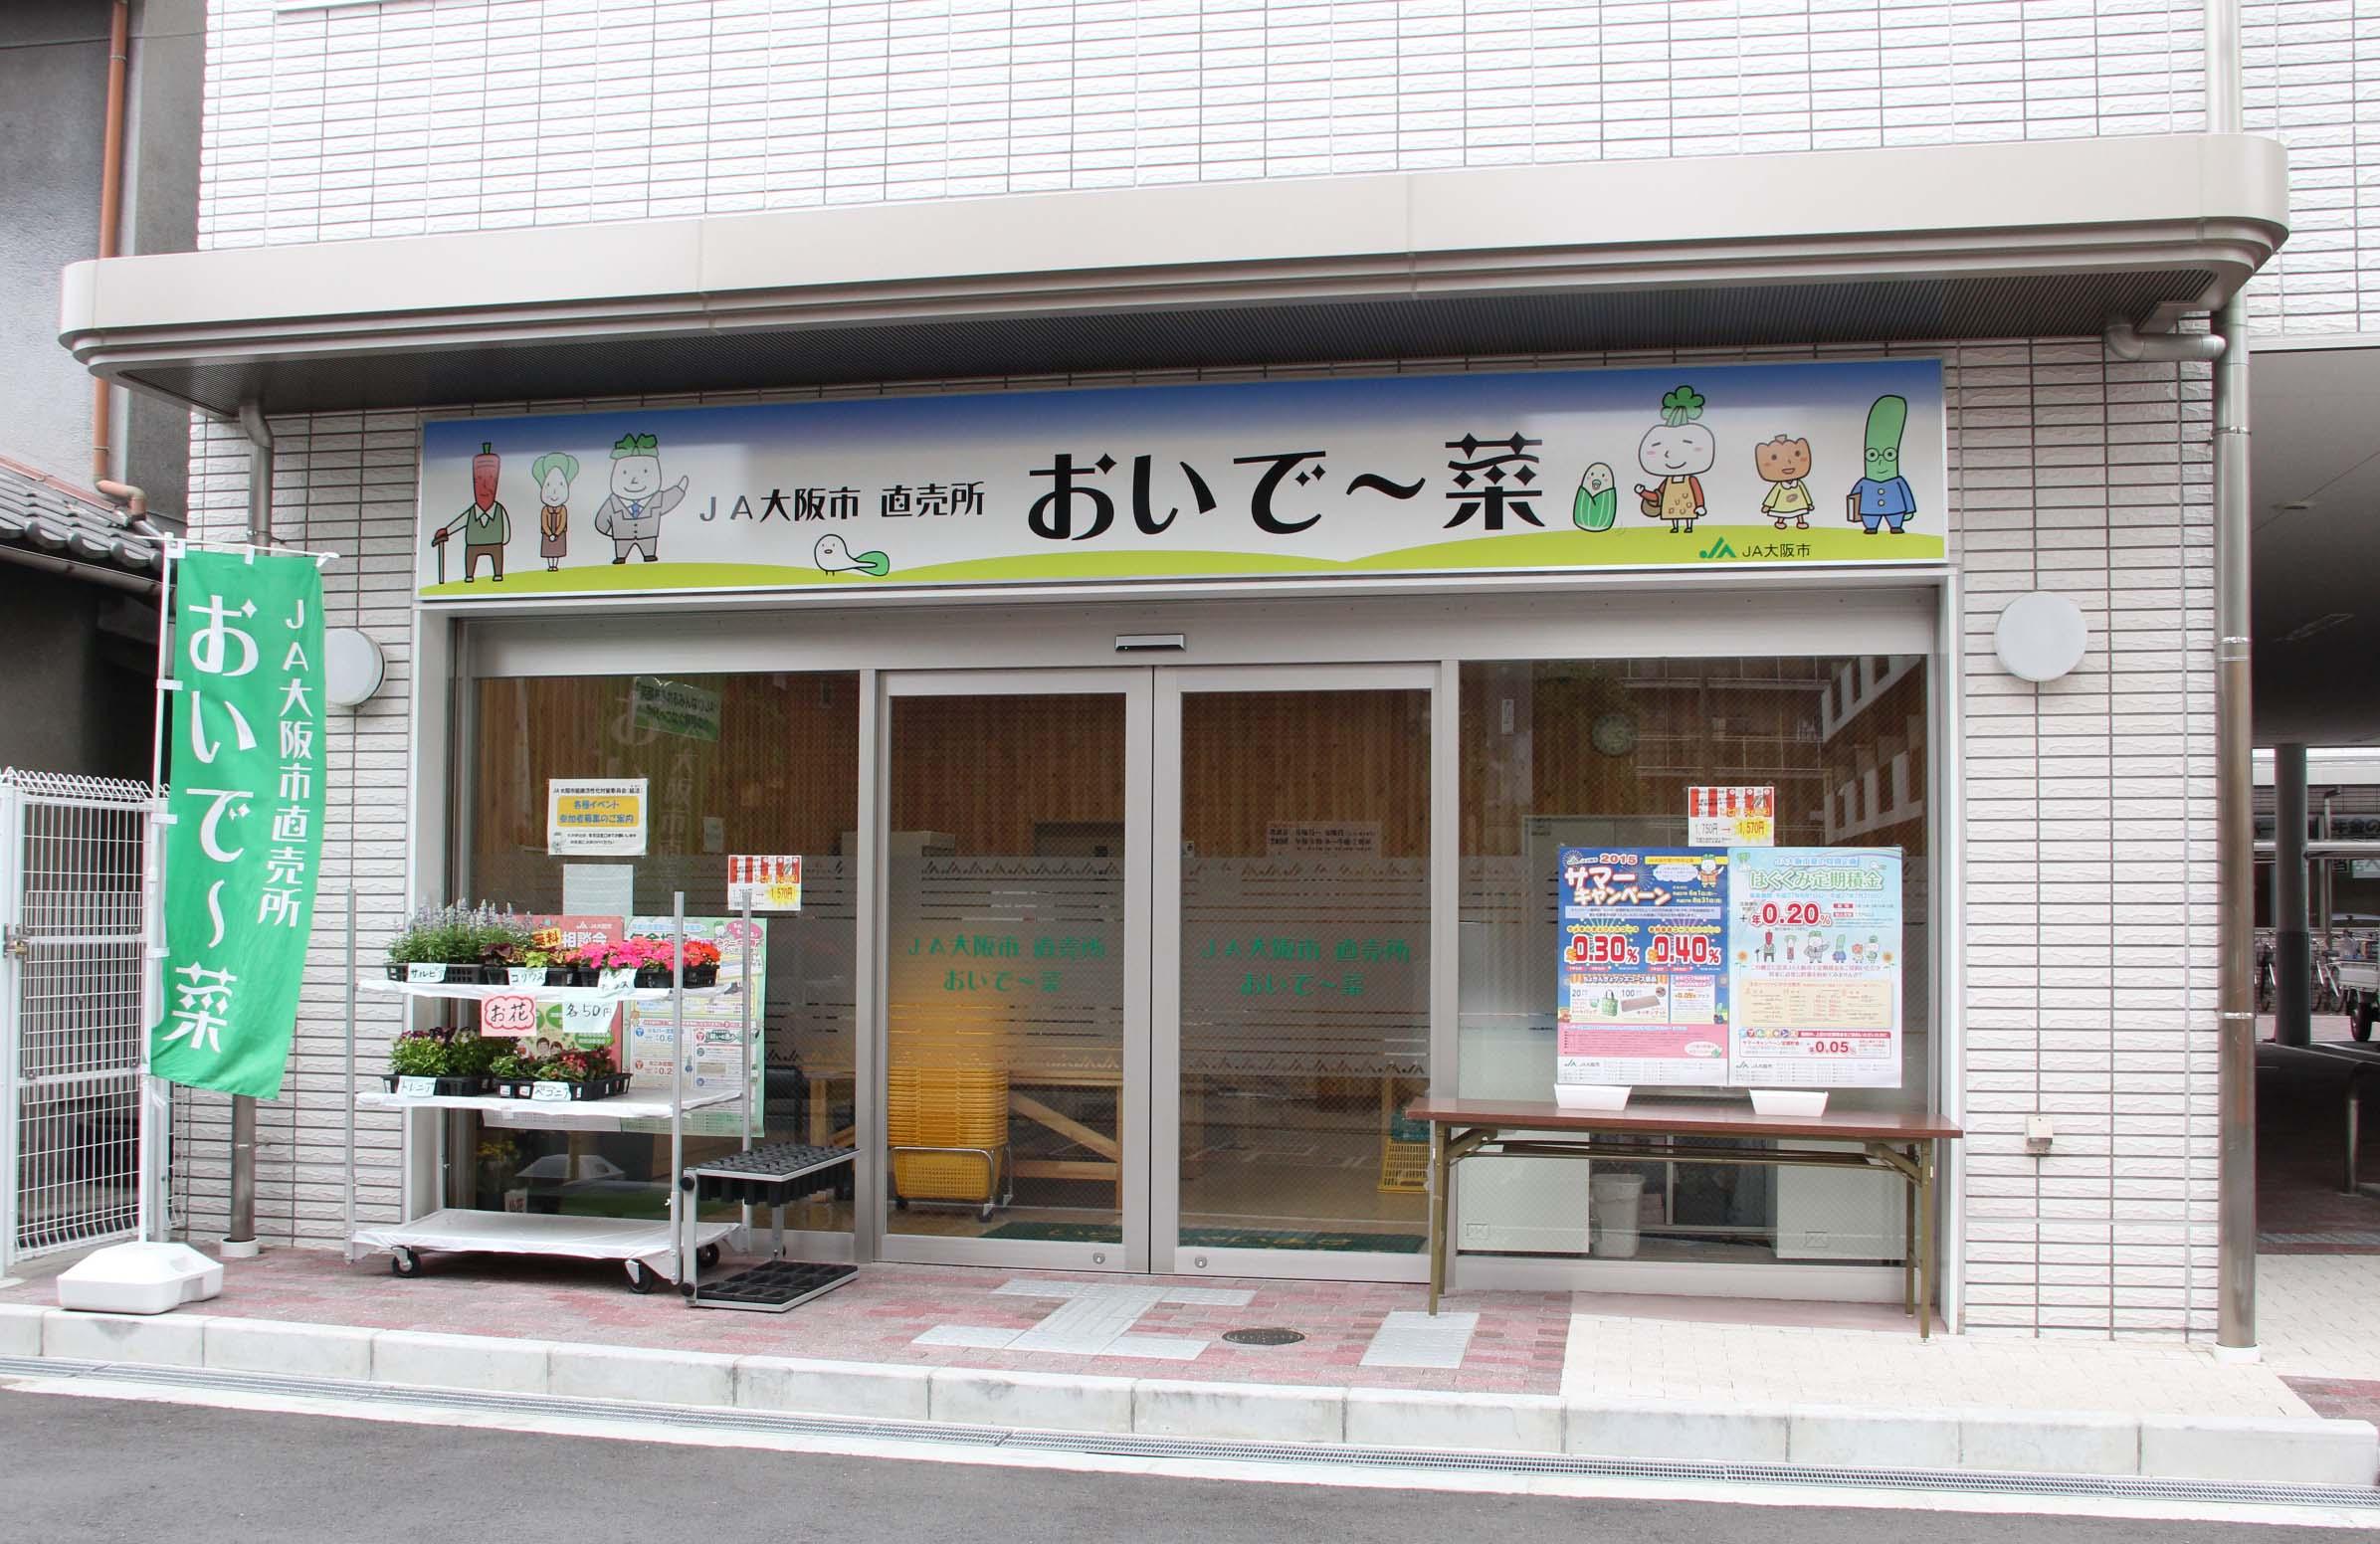 JA大阪市 直売所 おいで~菜 本店の写真